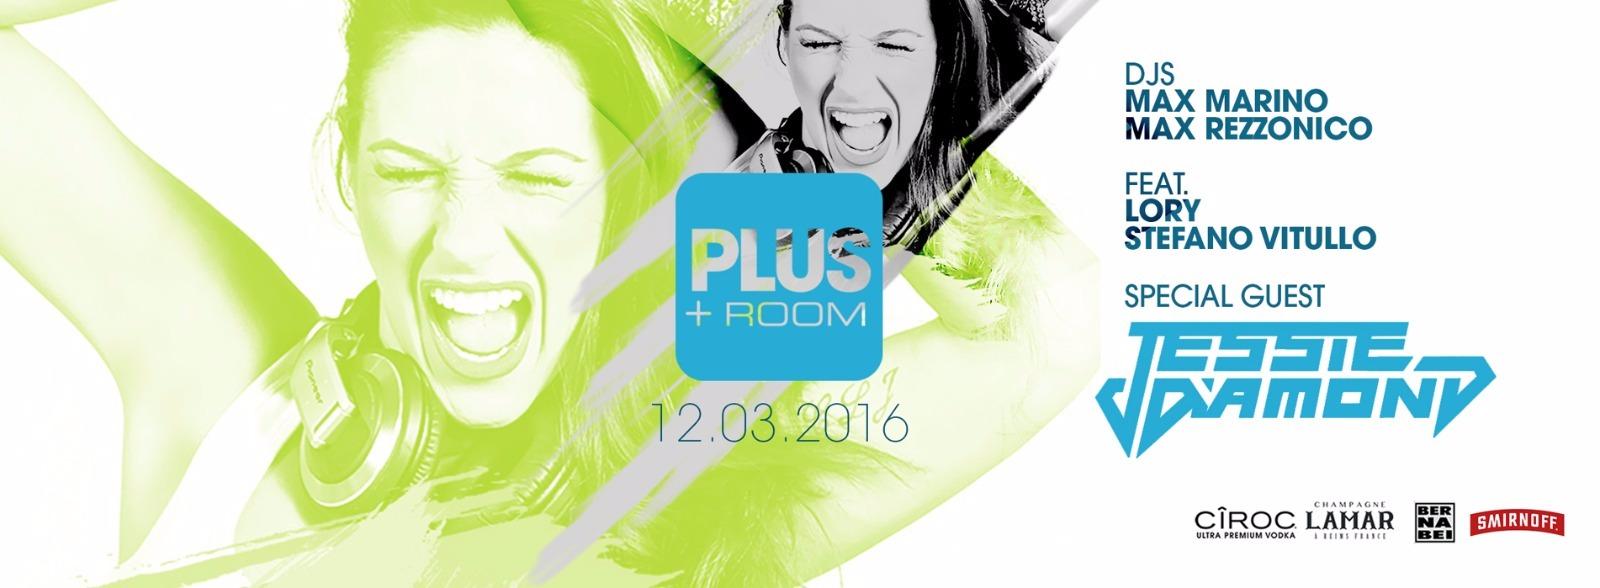 Room 26 Jessie Diamon